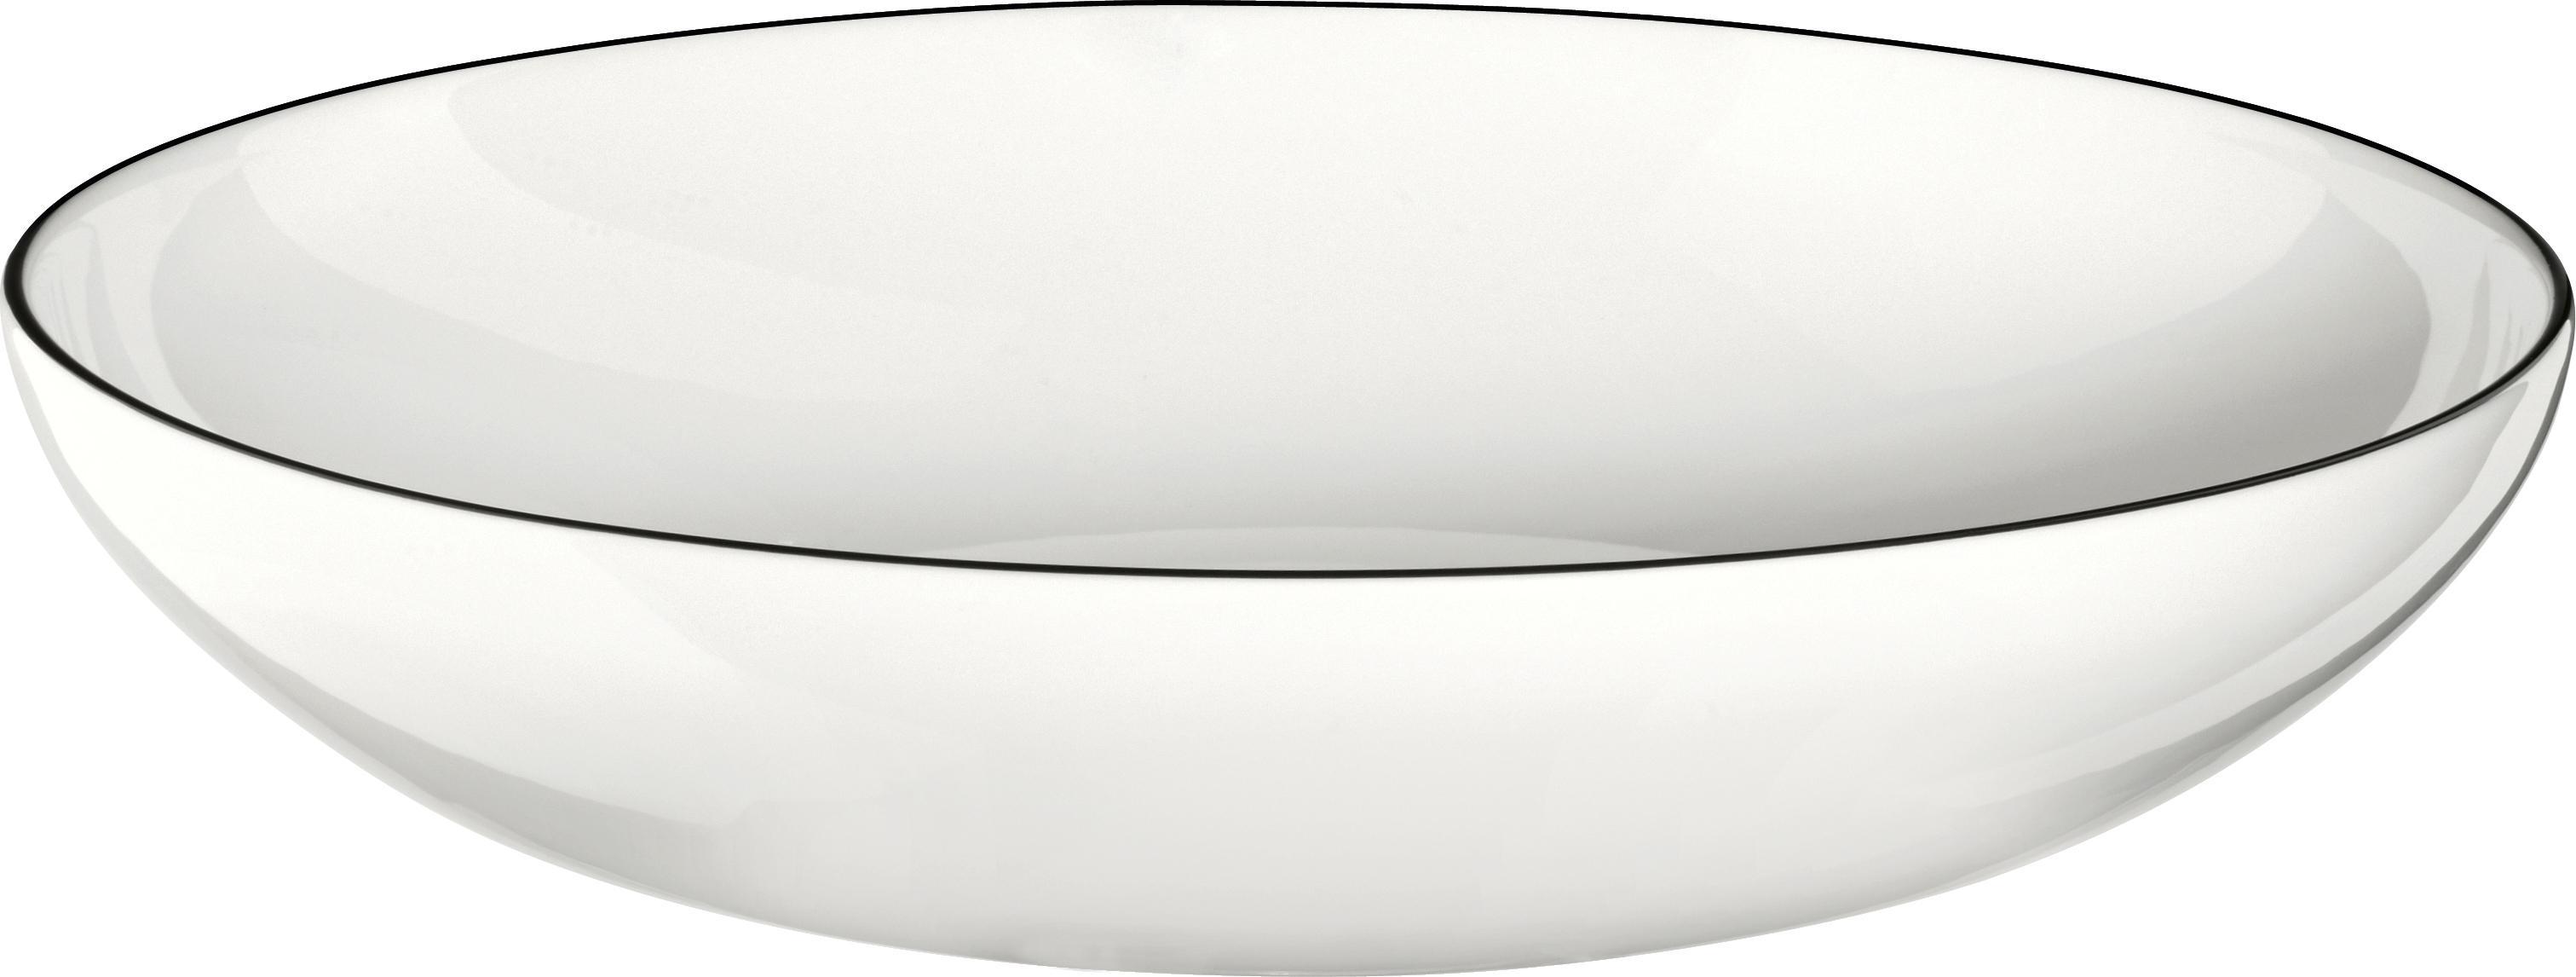 Pastateller á table ligne noir mit schwarzem Rand, 4 Stück, Fine Bone China (Porzellan) Fine Bone China ist ein Weichporzellan, das sich besonders durch seinen strahlenden, durchscheinenden Glanz auszeichnet., Weiß<br>Rand: Schwarz, Ø 22 x H 5 cm